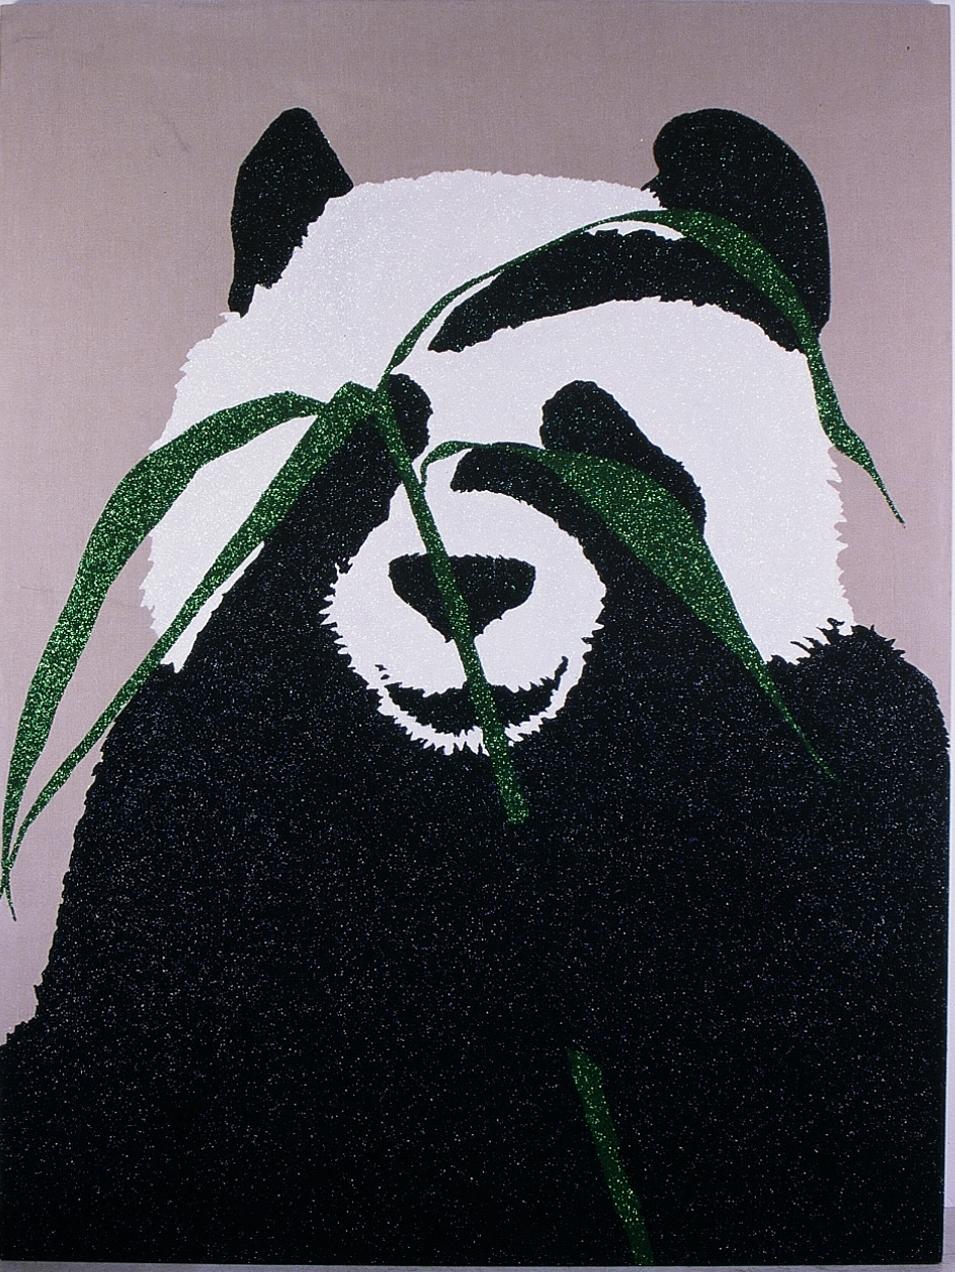 I Love Bamboo (I hate you)